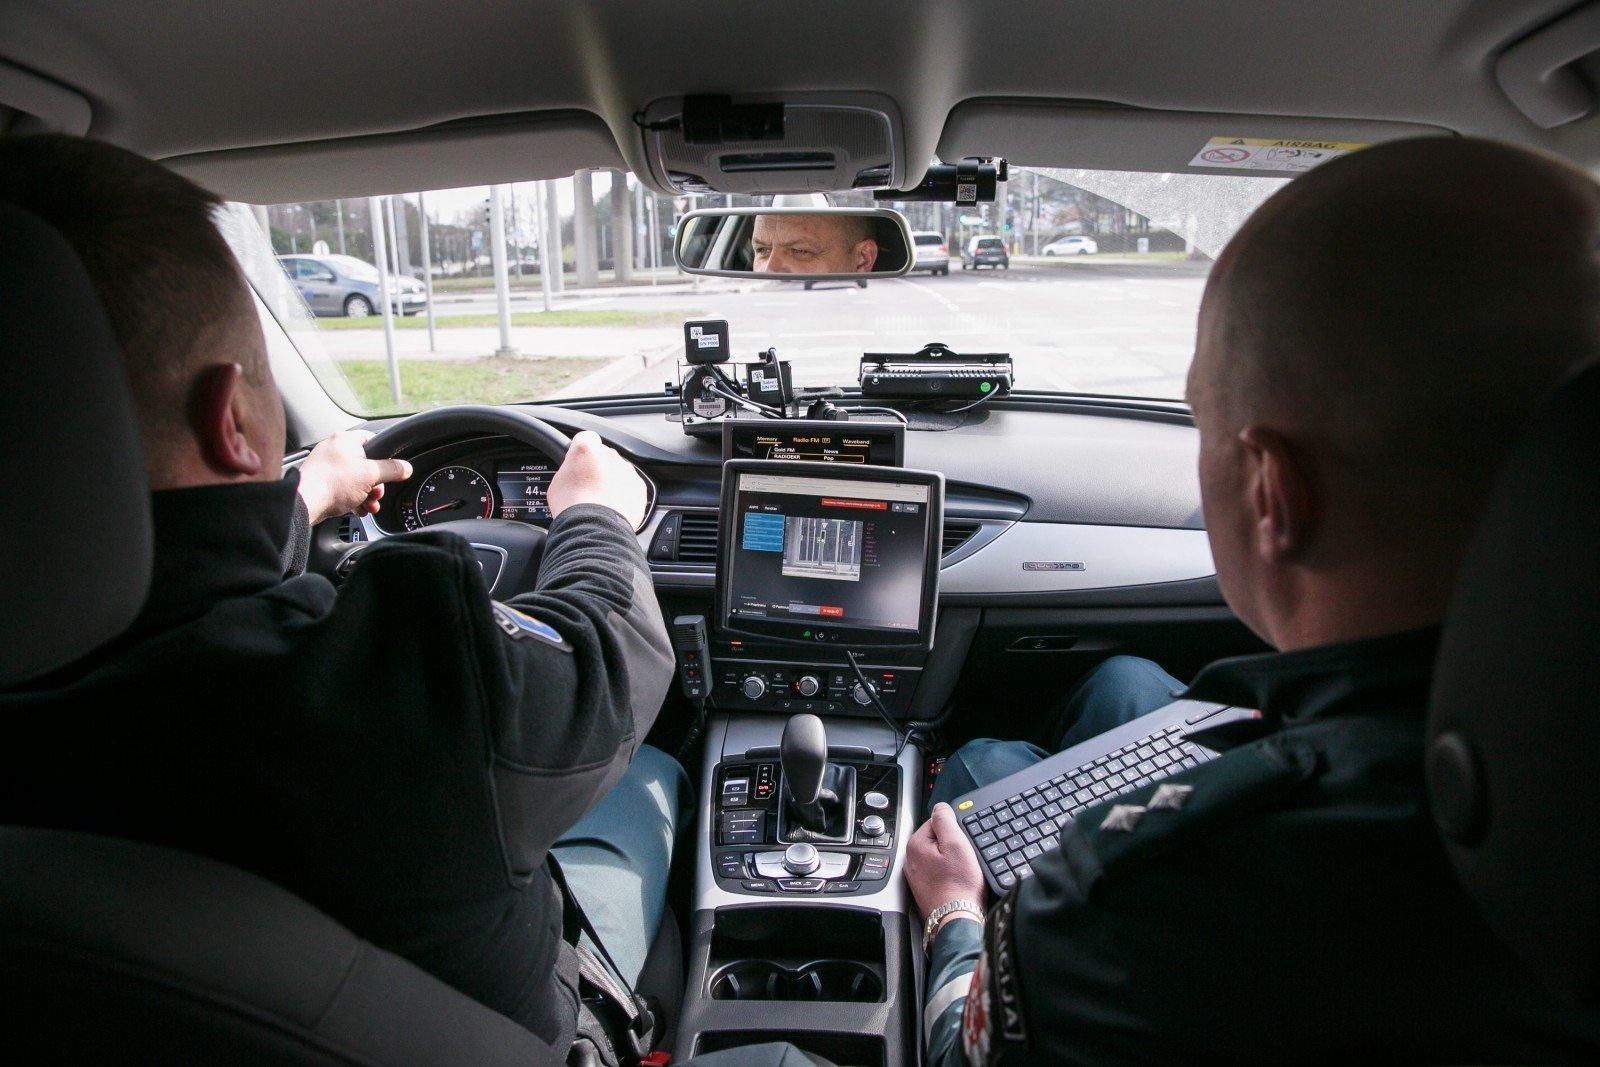 juodoji ponia i ried jo gatves policija pademonstravo kaip stebi vairuotojus delfi auto. Black Bedroom Furniture Sets. Home Design Ideas